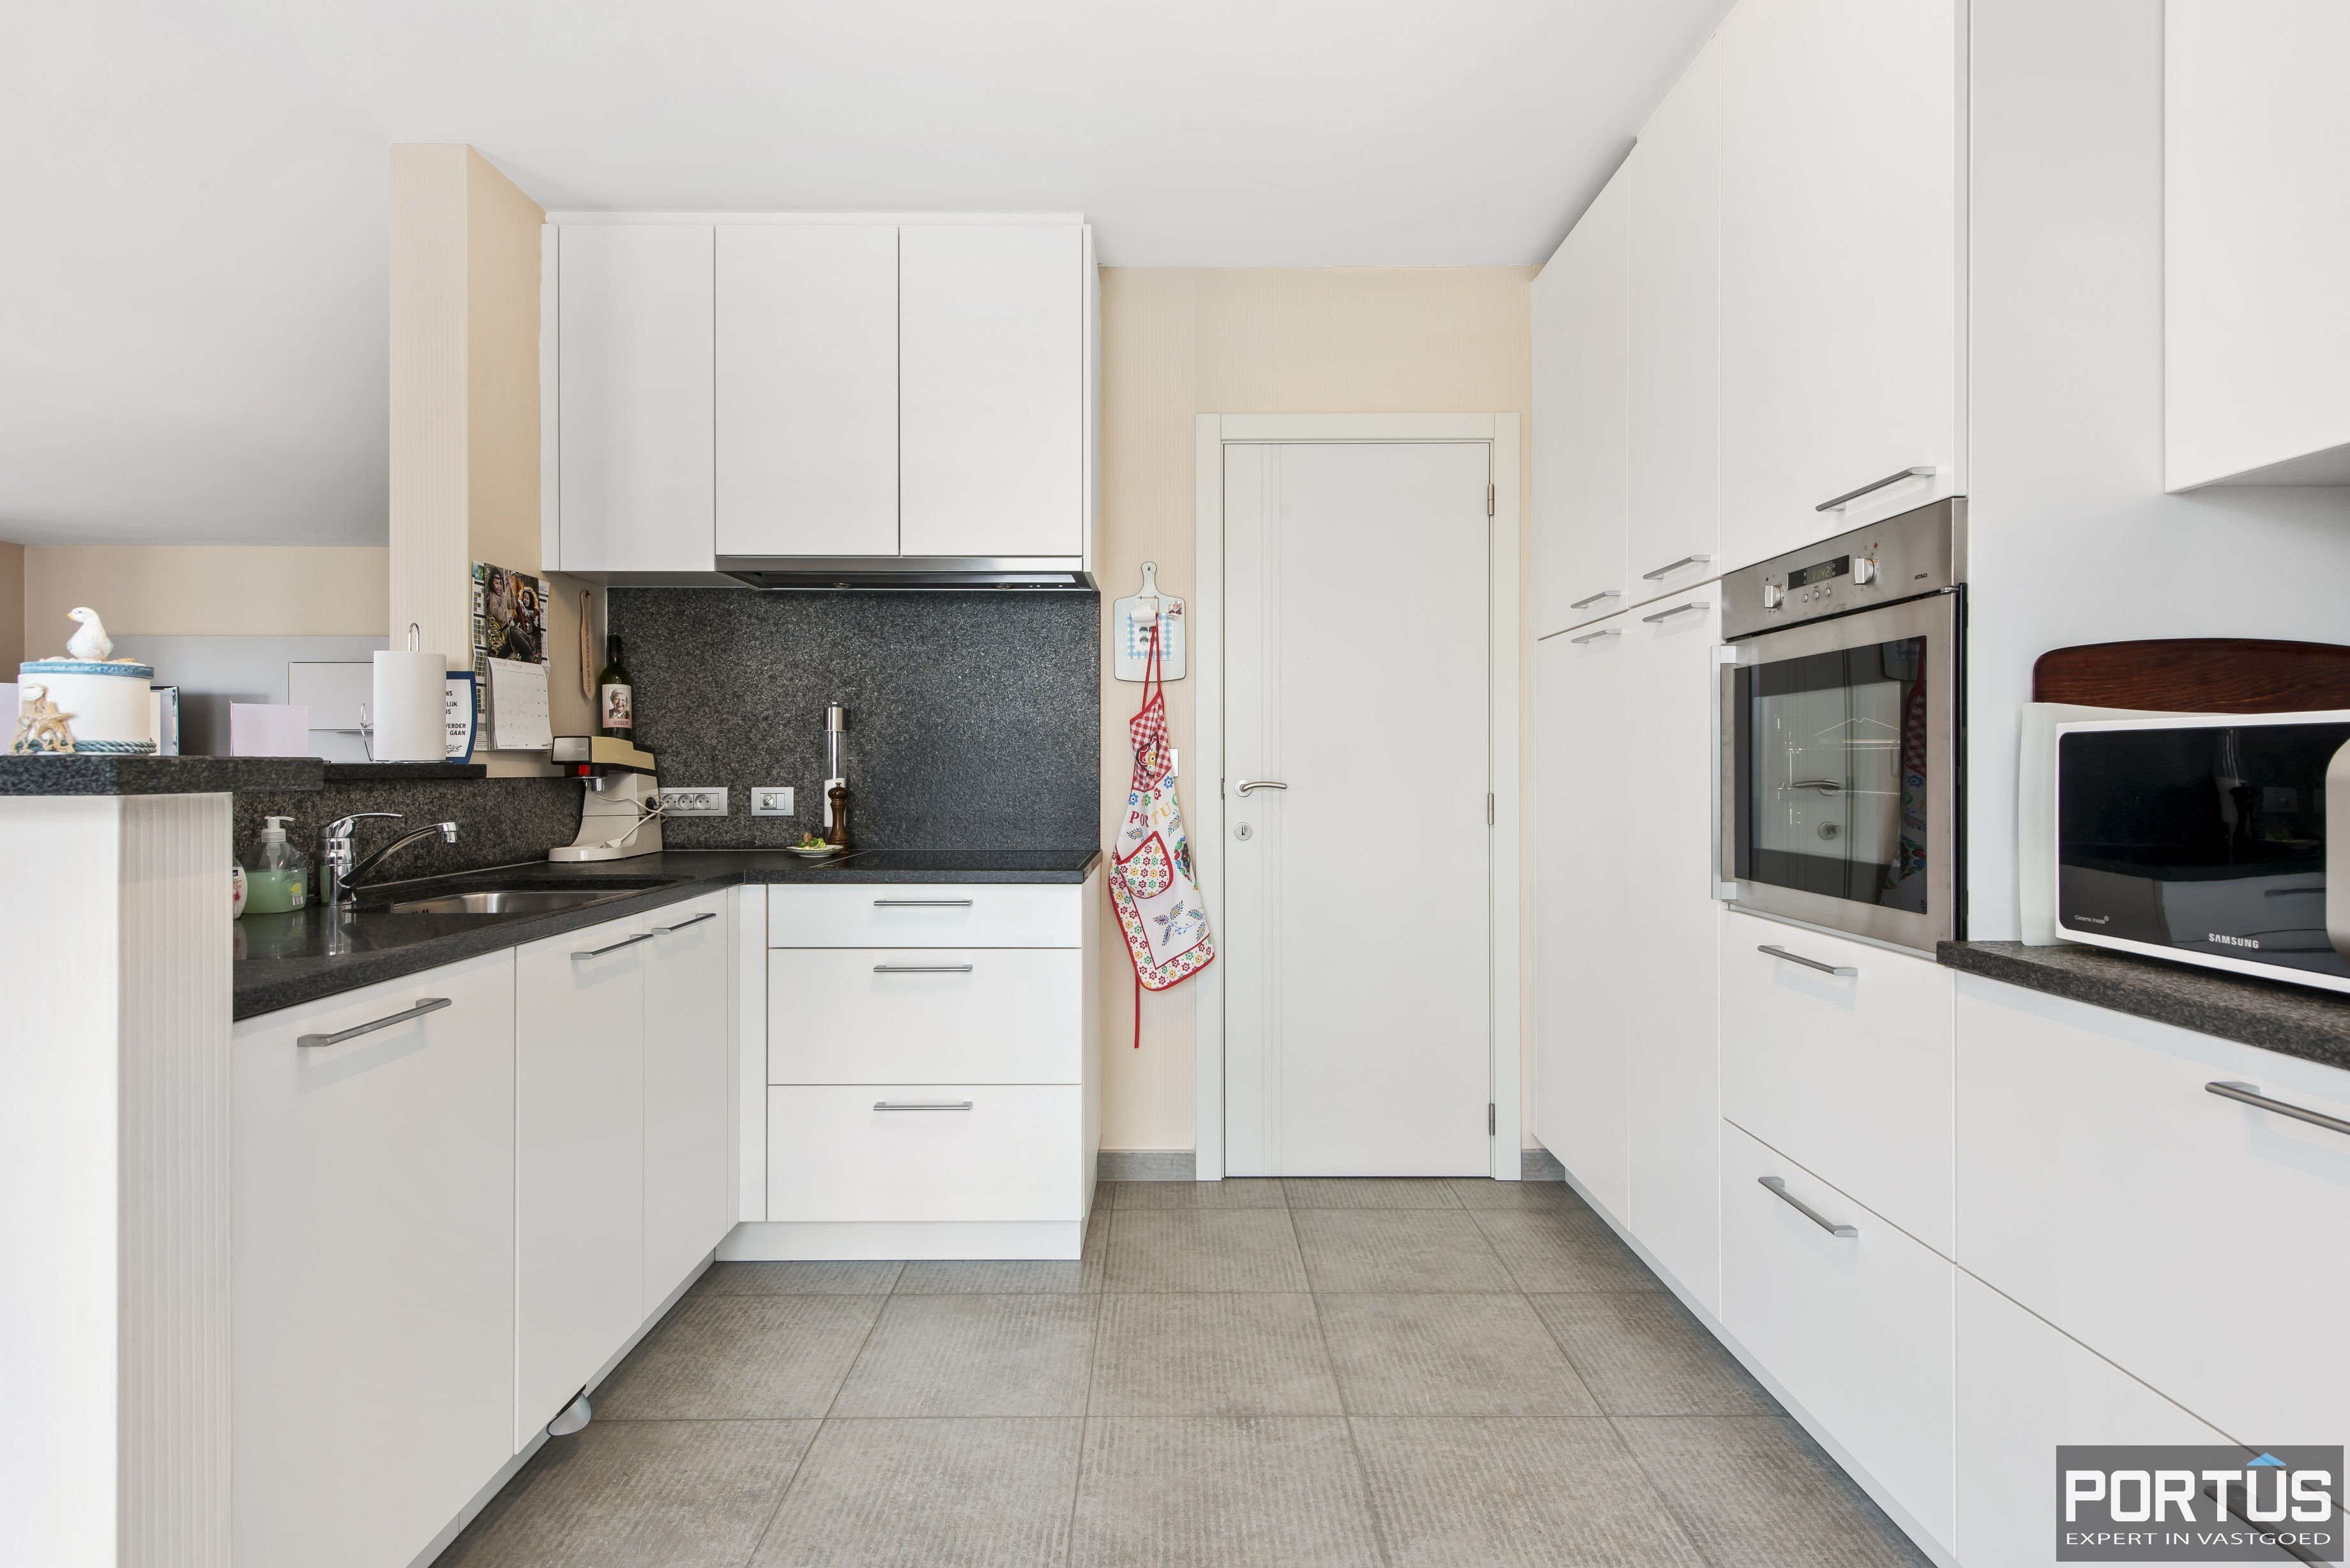 Instapklaar appartement te koop met 2 slaapkamers te Sint-Idesbald - 9407